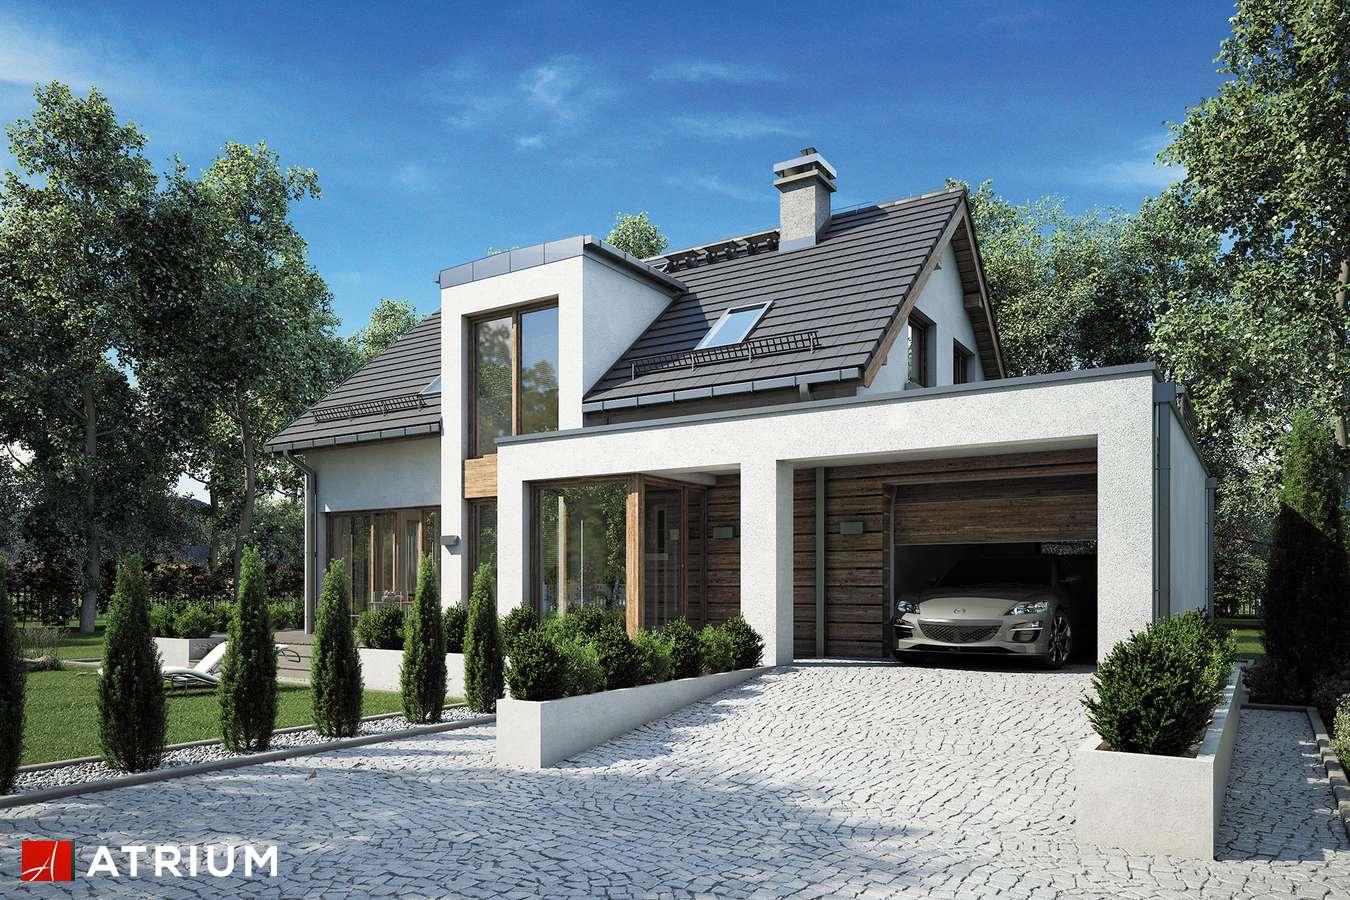 Projekty domów - Projekt domu z poddaszem RUMBA III - wizualizacja 1 - wersja lustrzana